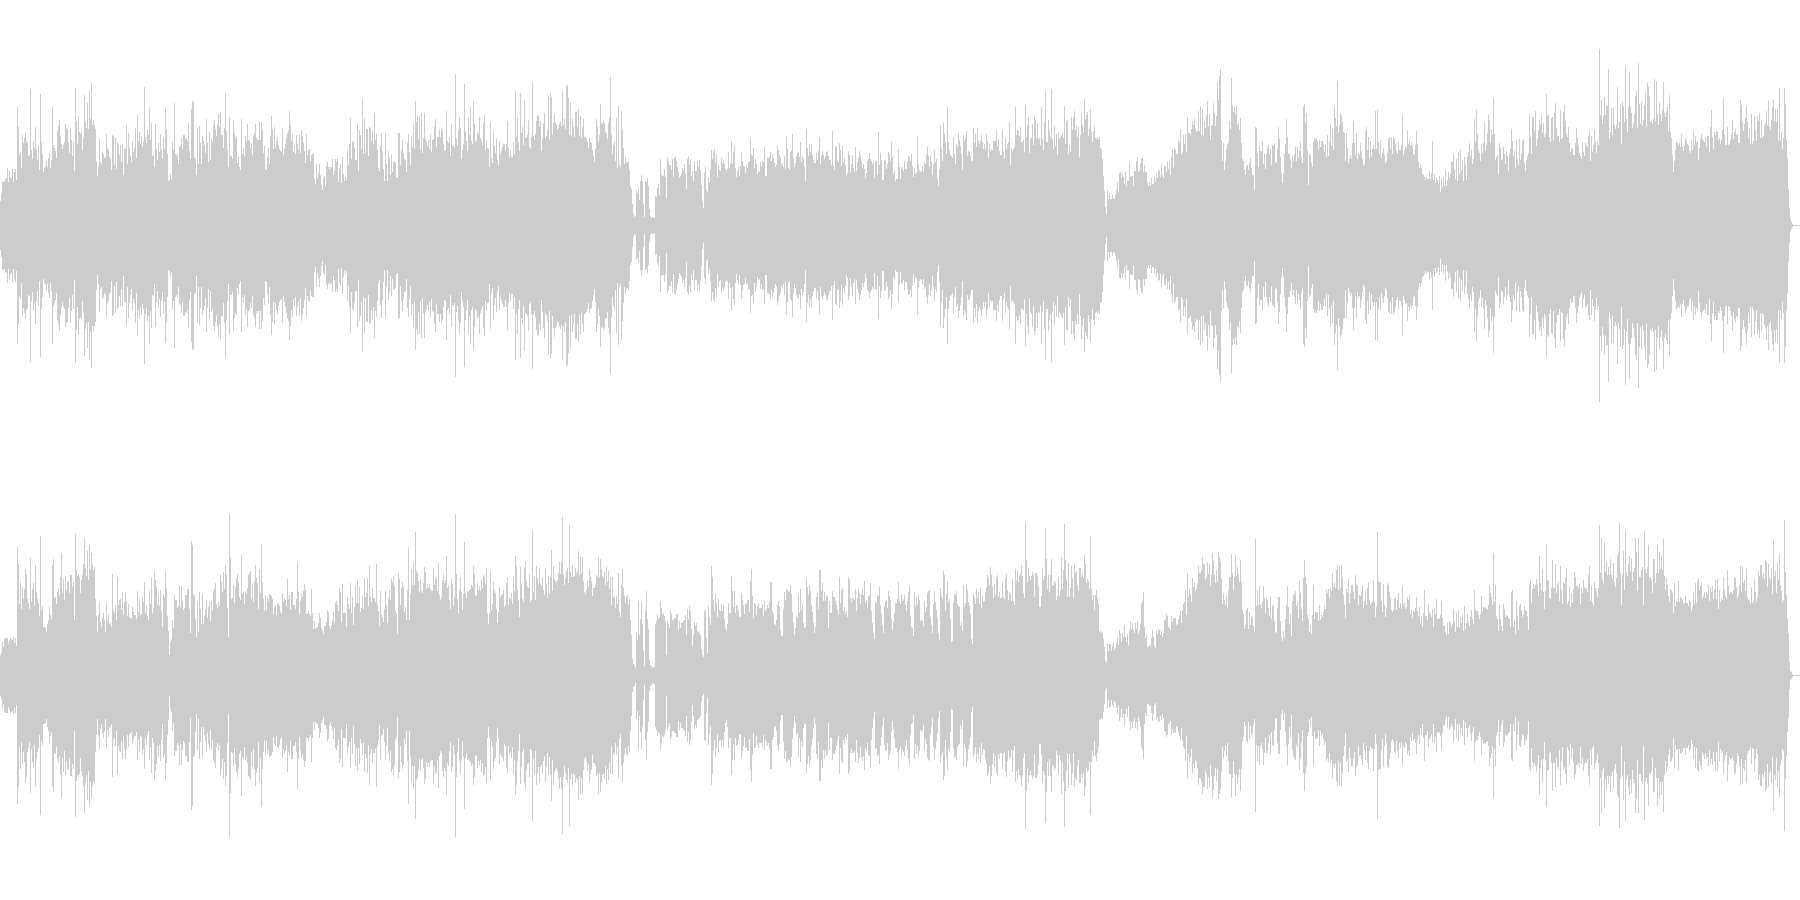 組曲「惑星」より木星(オリジナル版)の未再生の波形